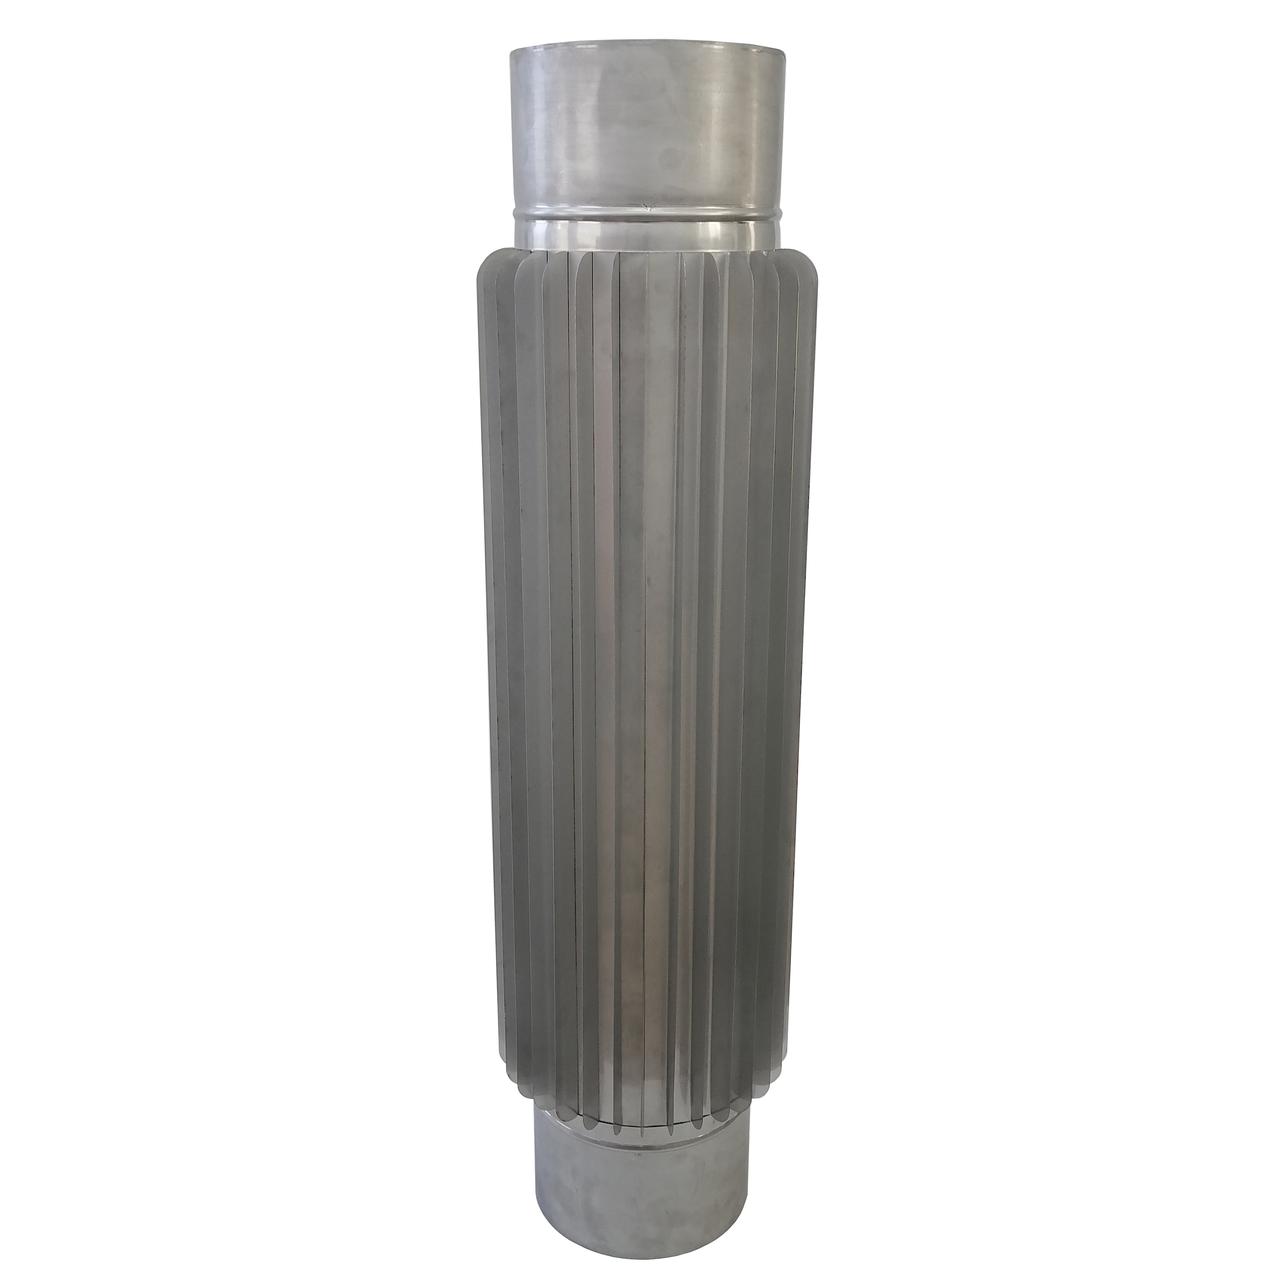 Труба-радиатор ø300 мм 1 мм 1 метр AISI 321 Stalar для дымохода сауны бани из нержавеющей стали